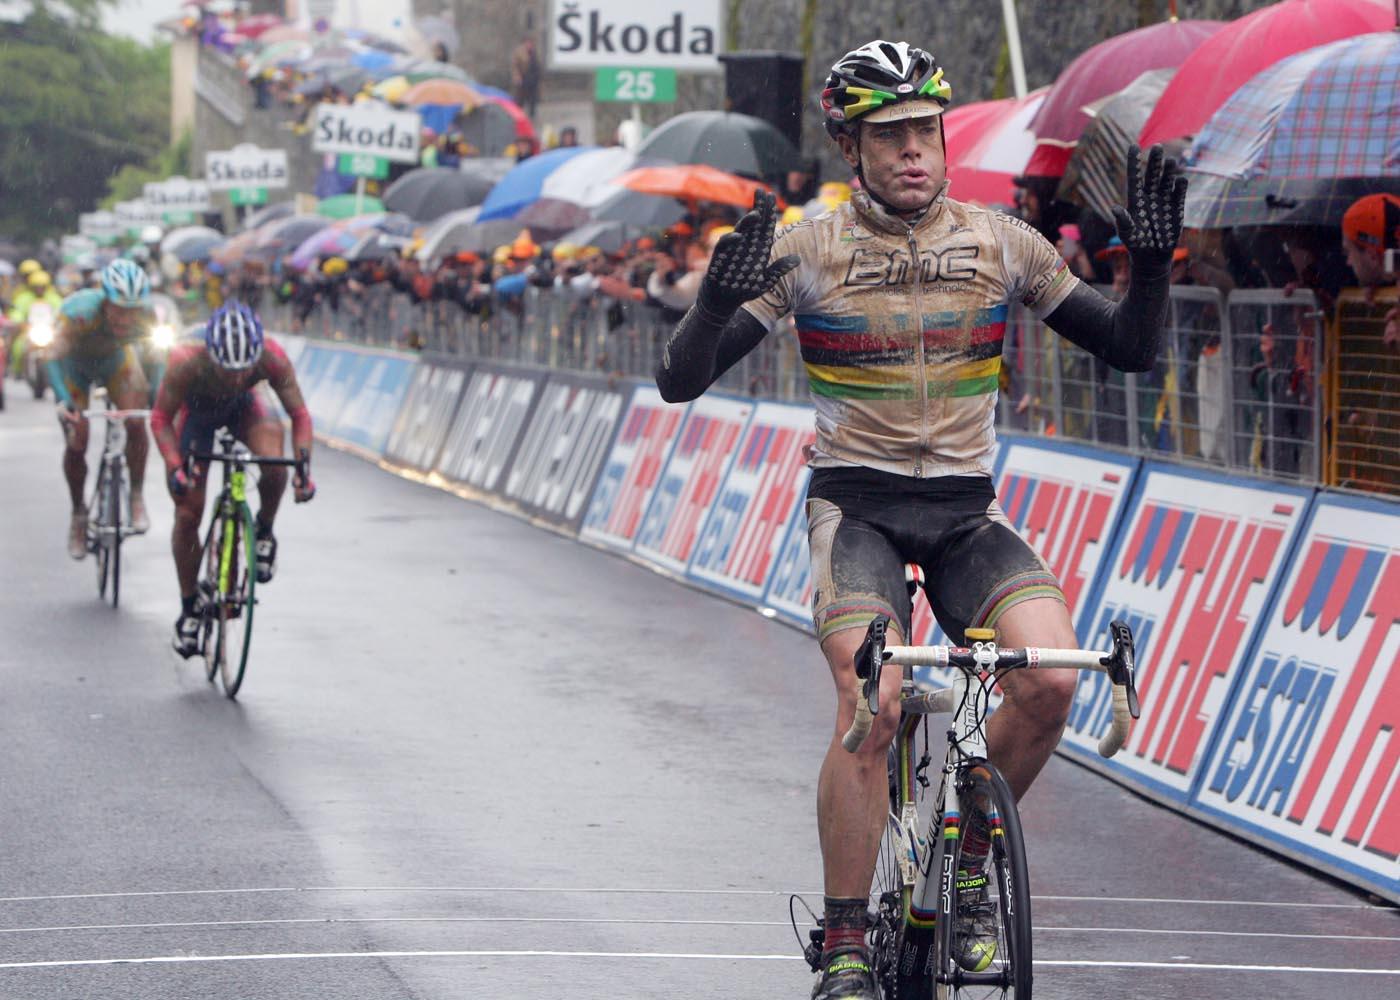 Cadel Evans wins, Giro d'Italia 2010, stage 7